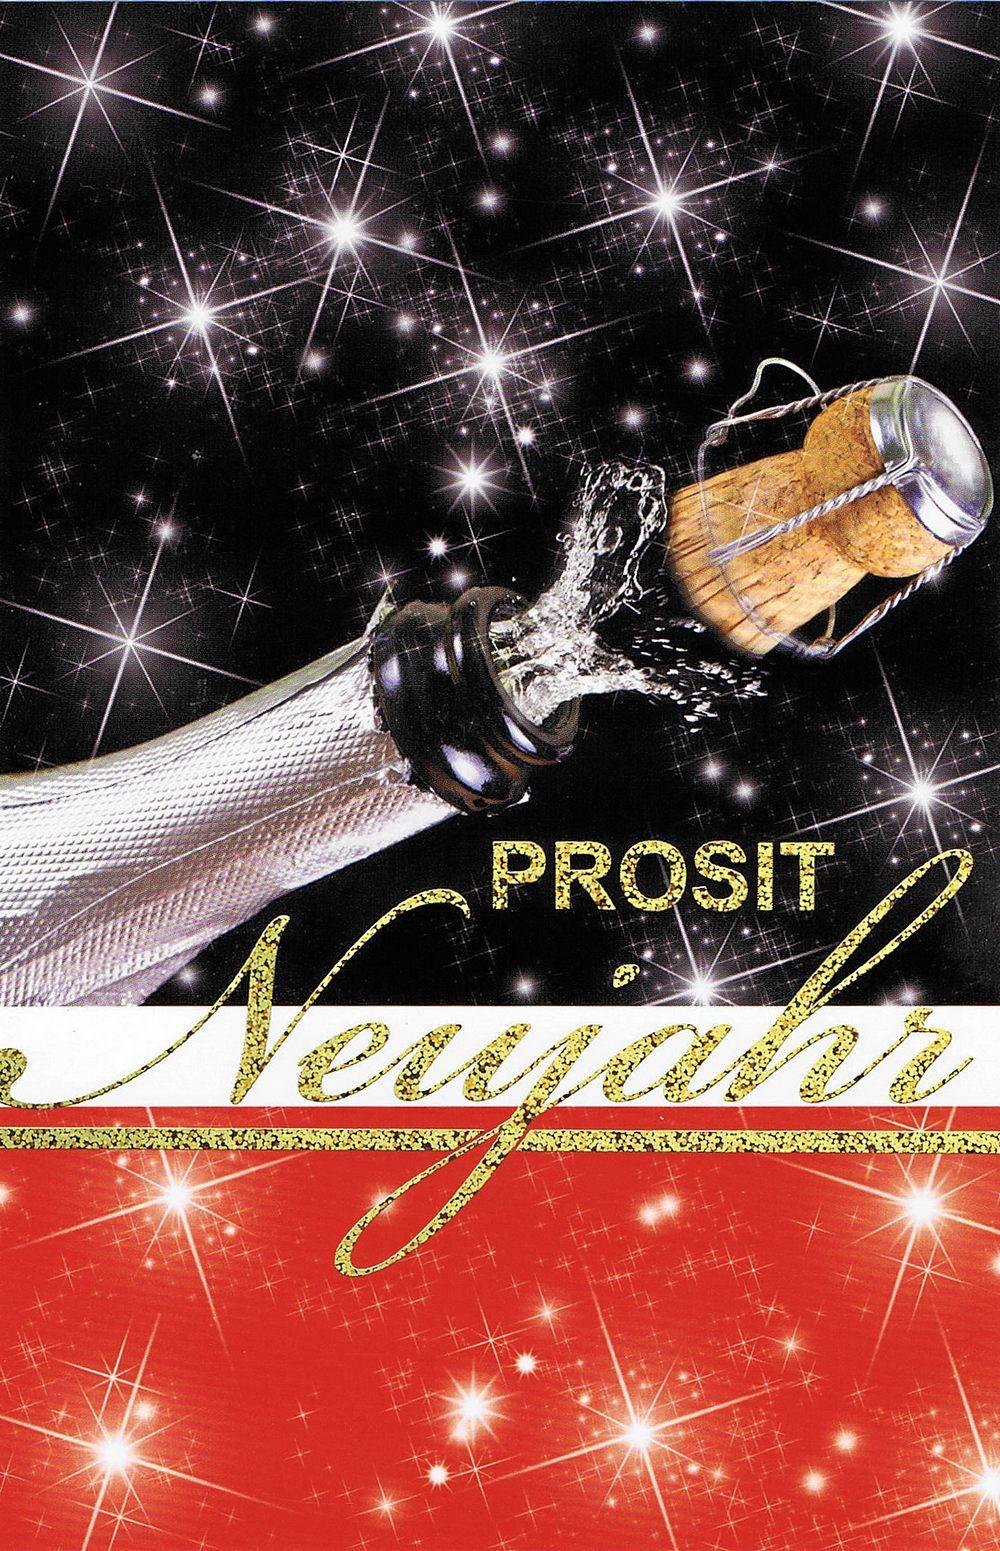 Prosit Neujahr - Sektkorken knallen